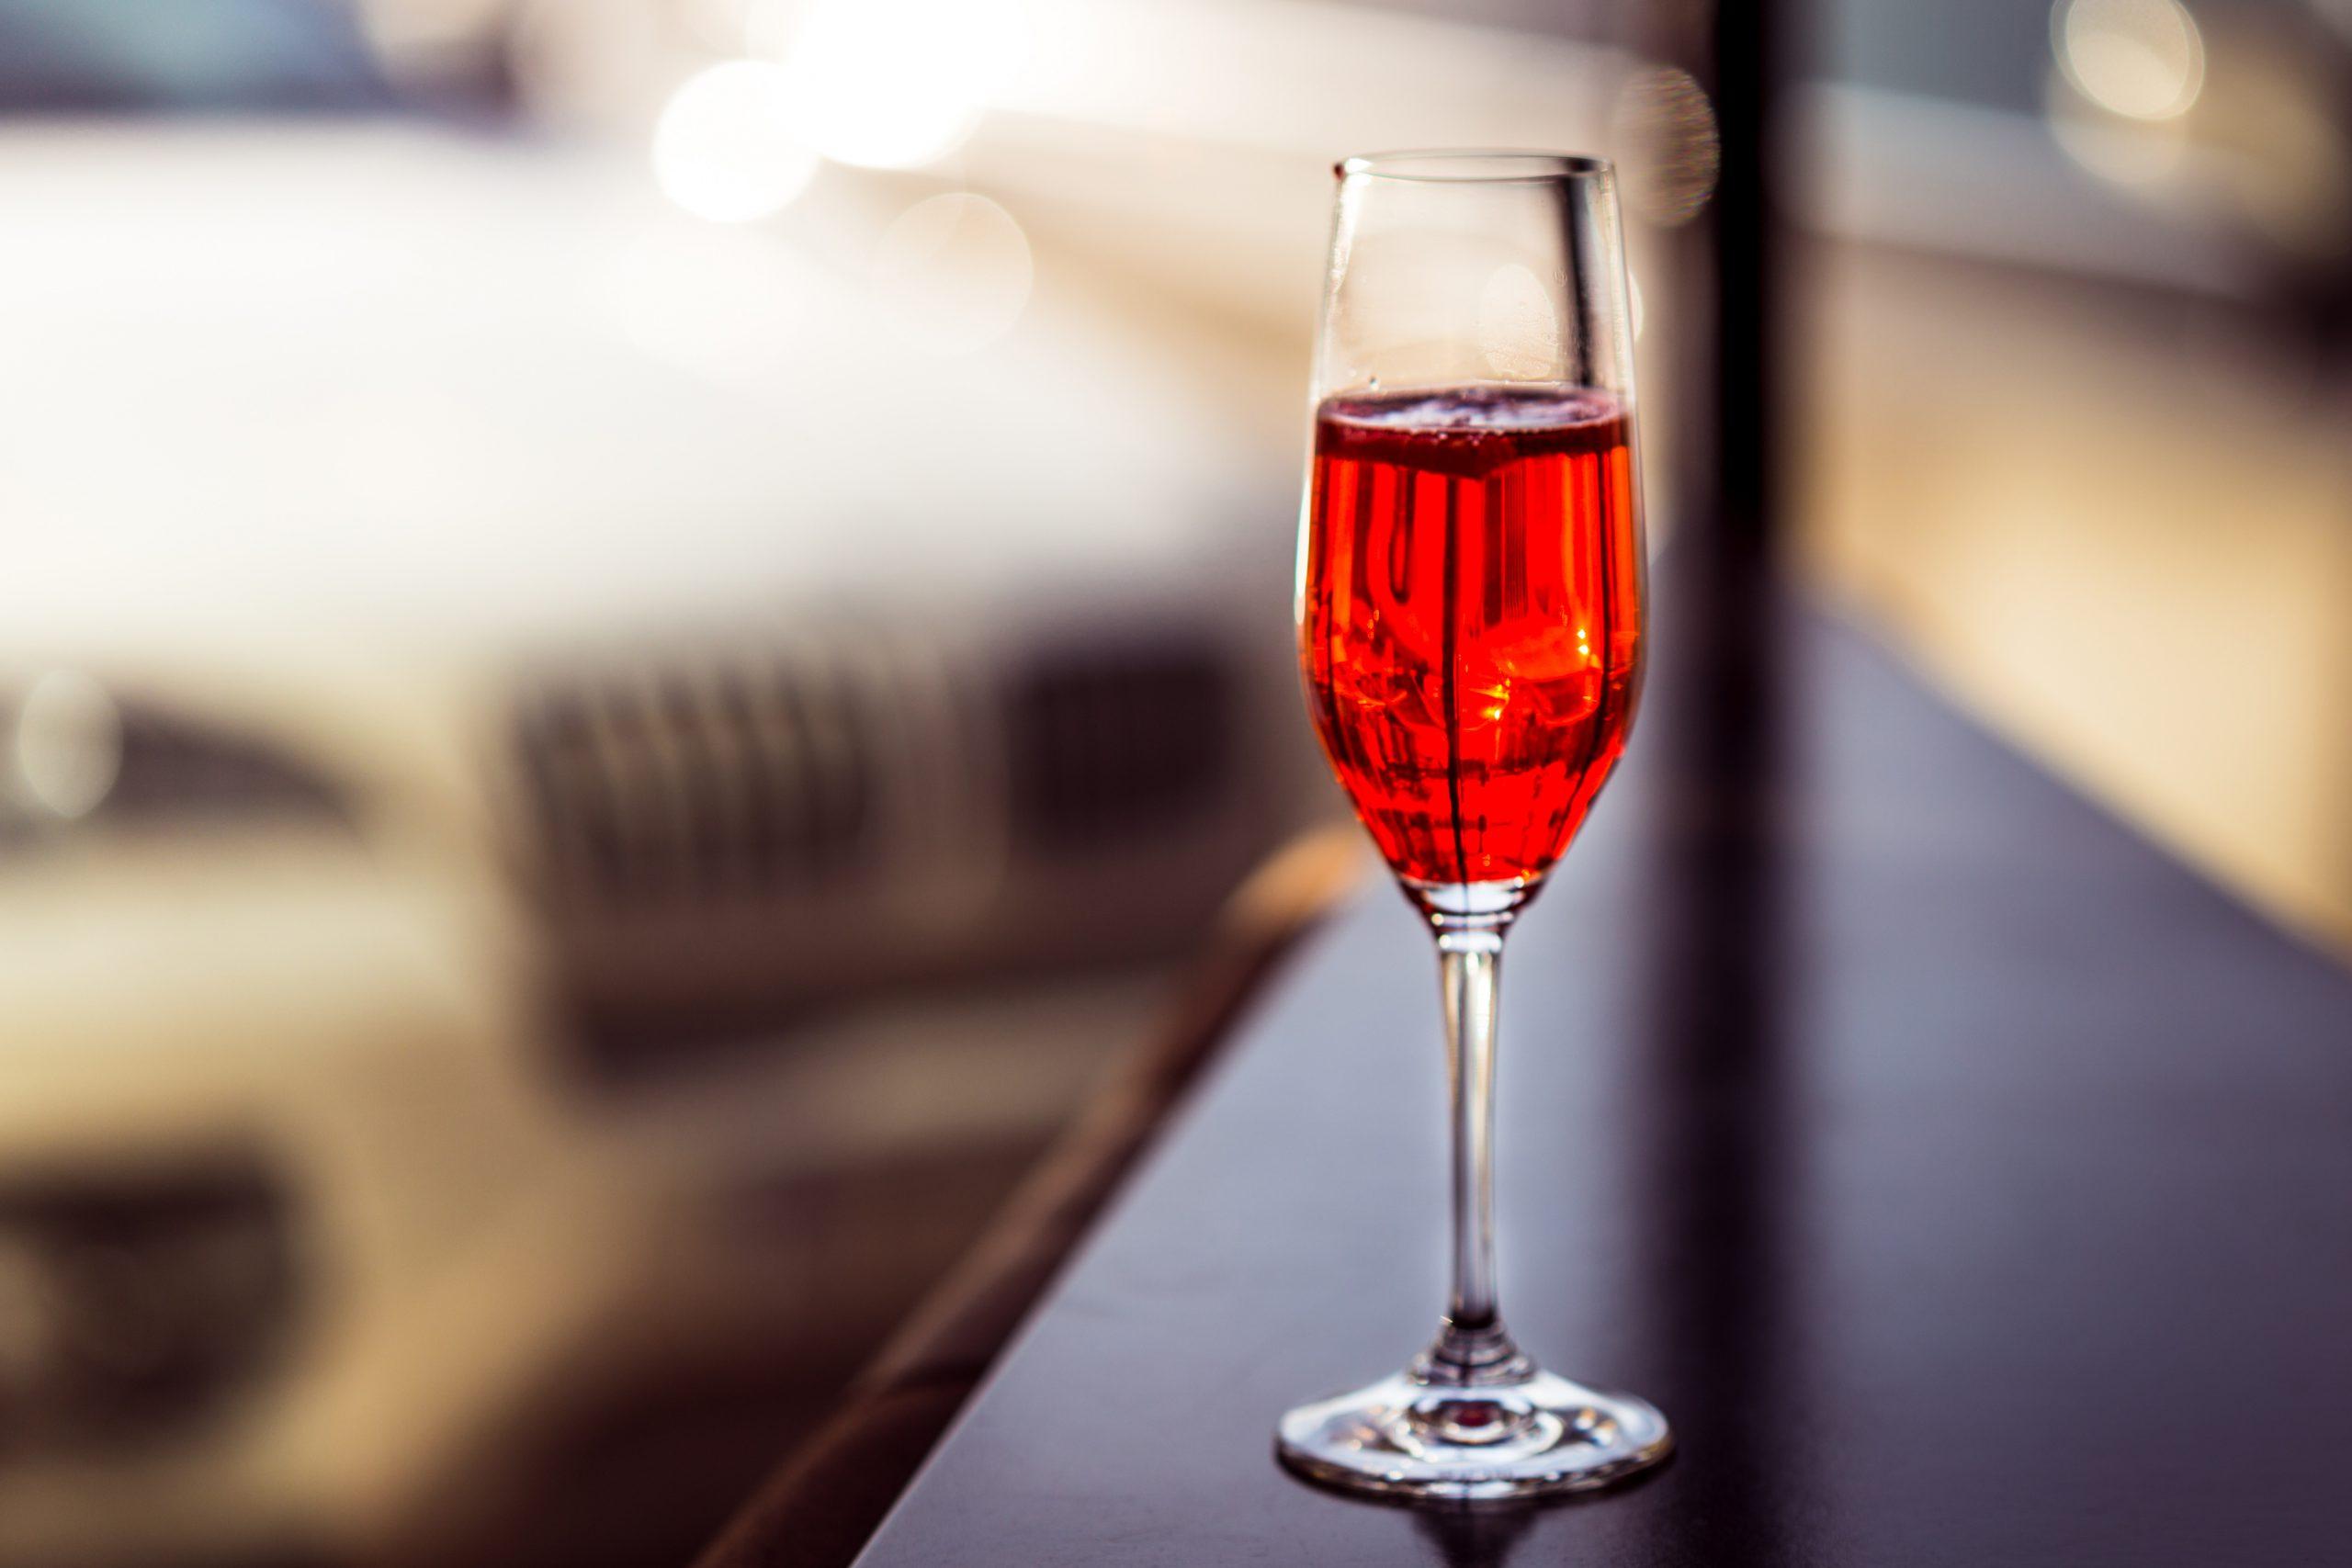 ちょっぴり変わった味が楽しめる♪白ワインカクテルのレシピ